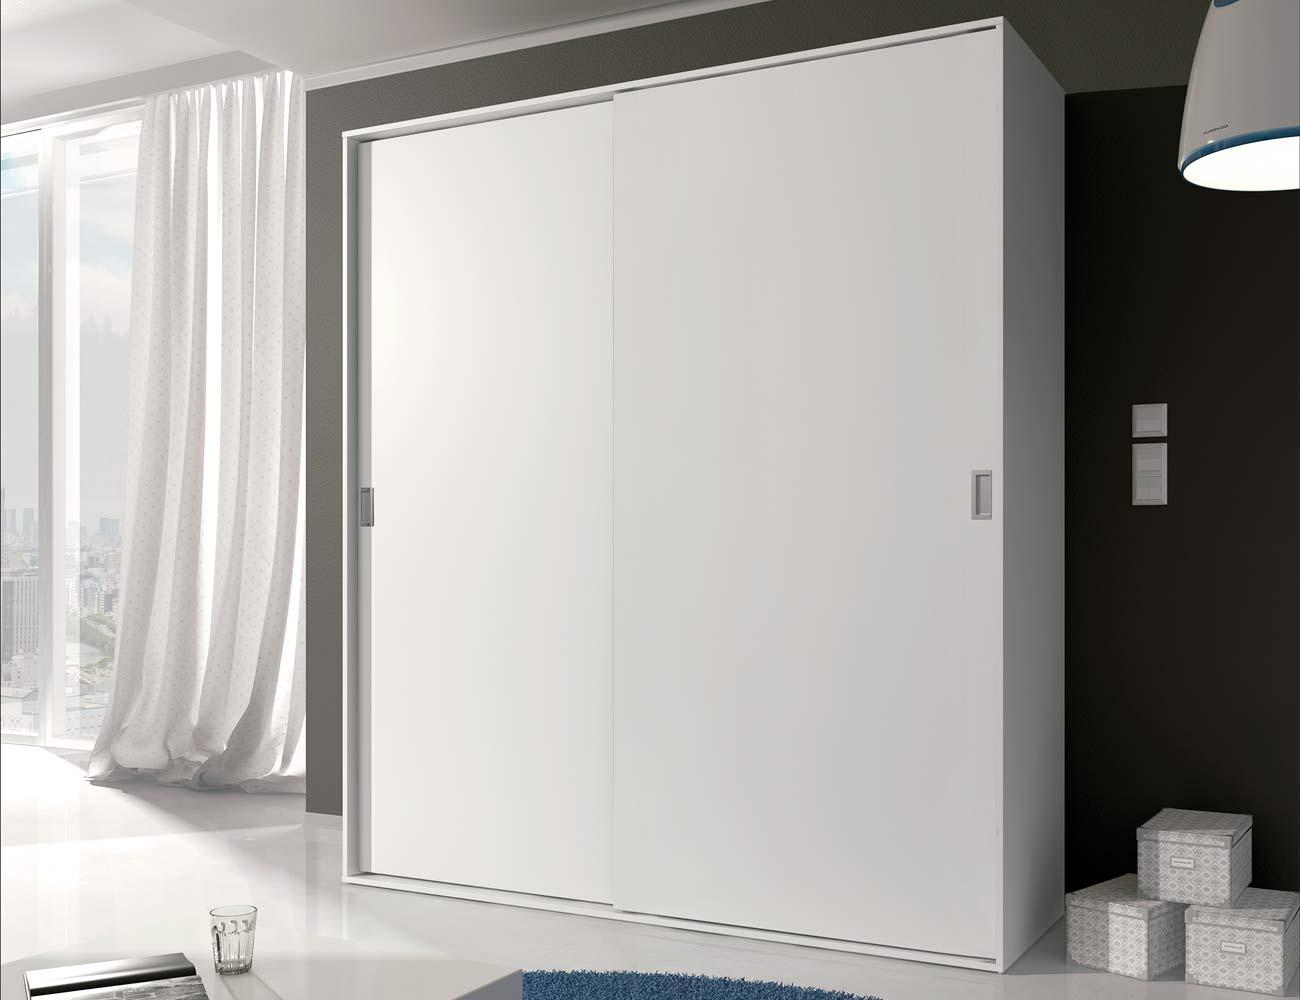 Armario moderno de 2 puertas correderas en color blanco 6454 factory del mueble utrera - Puertas armario correderas ...